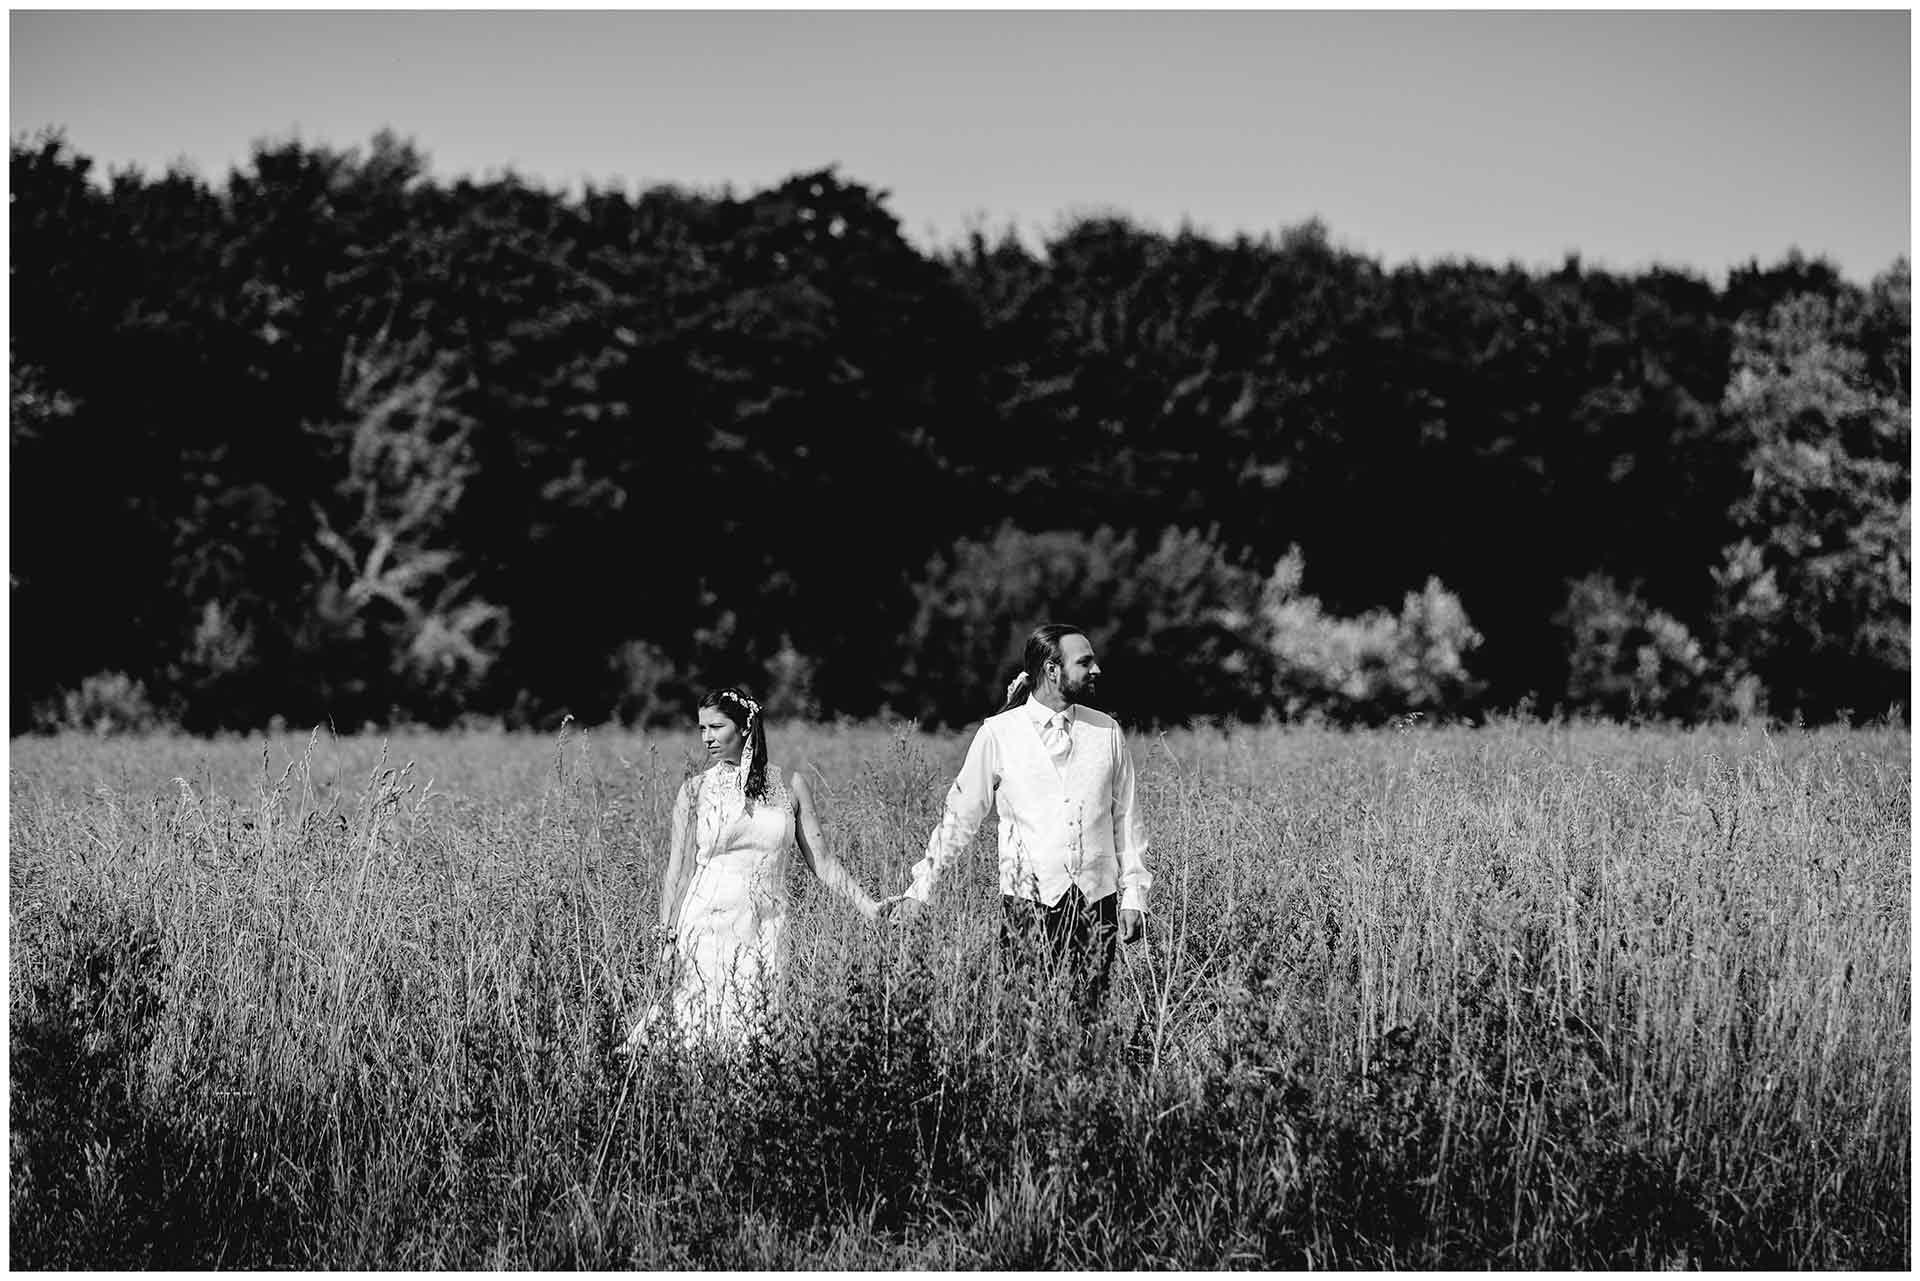 Brautpaar-steht-nebeneinander-auf-einem-Feld-voneinander-wegschauend-Hochzeitsfotografie-Hochzeitsfotograf-Warnemuende-Hochzeitsfotograf-Rostock-Hochzeitsfotograf-Ostseebad-Warnemuende